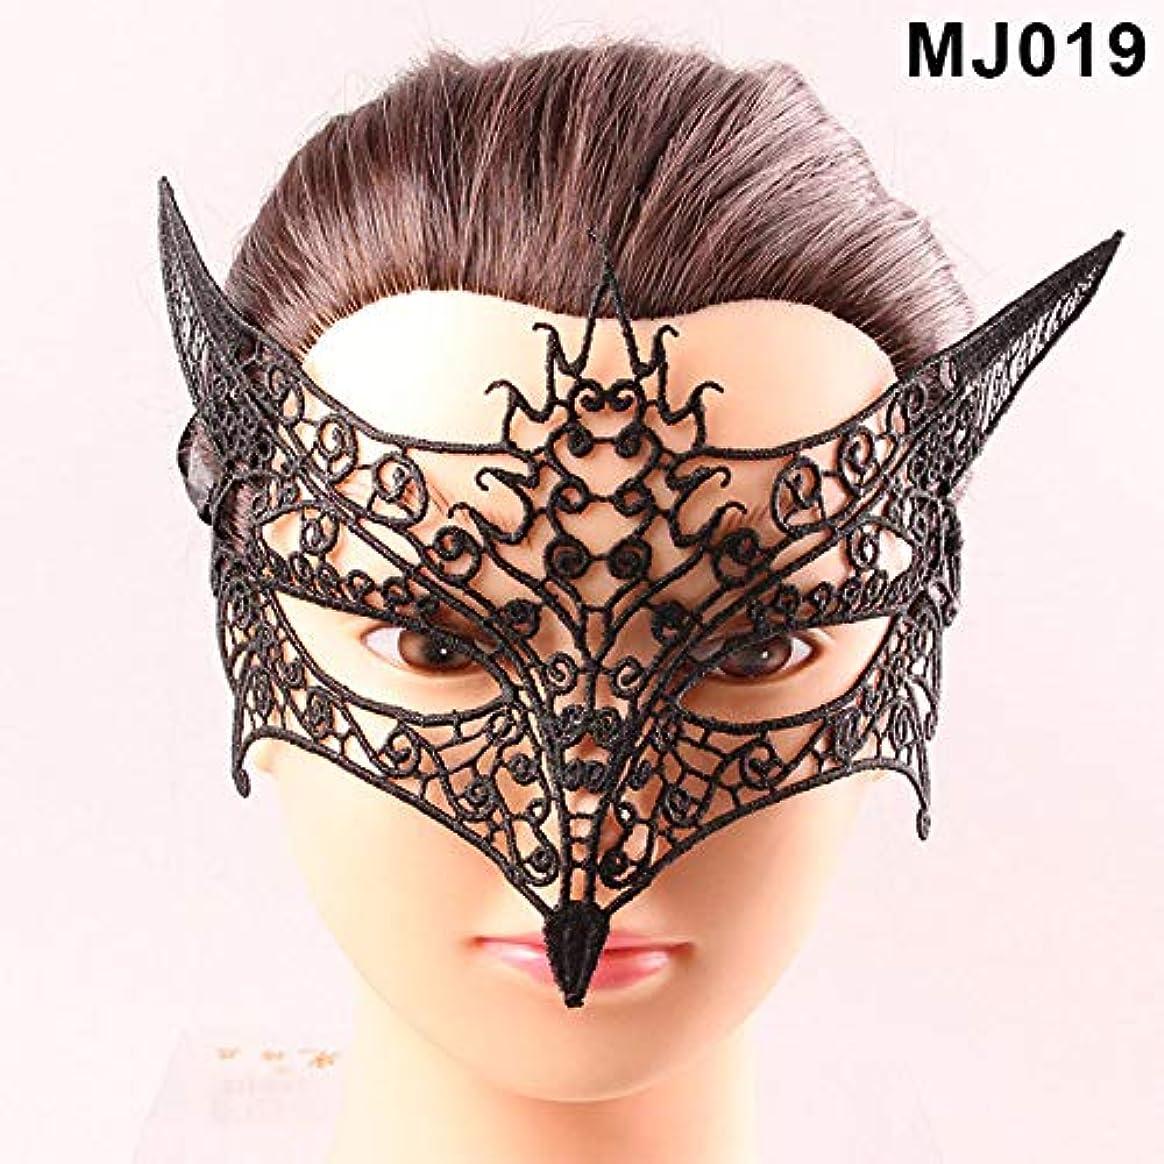 程度用量売るAlligado女性レディアイフェイスマスクカバーレースブラック用マスカレードパーティーハロウィンコスチュームファンシーダンス